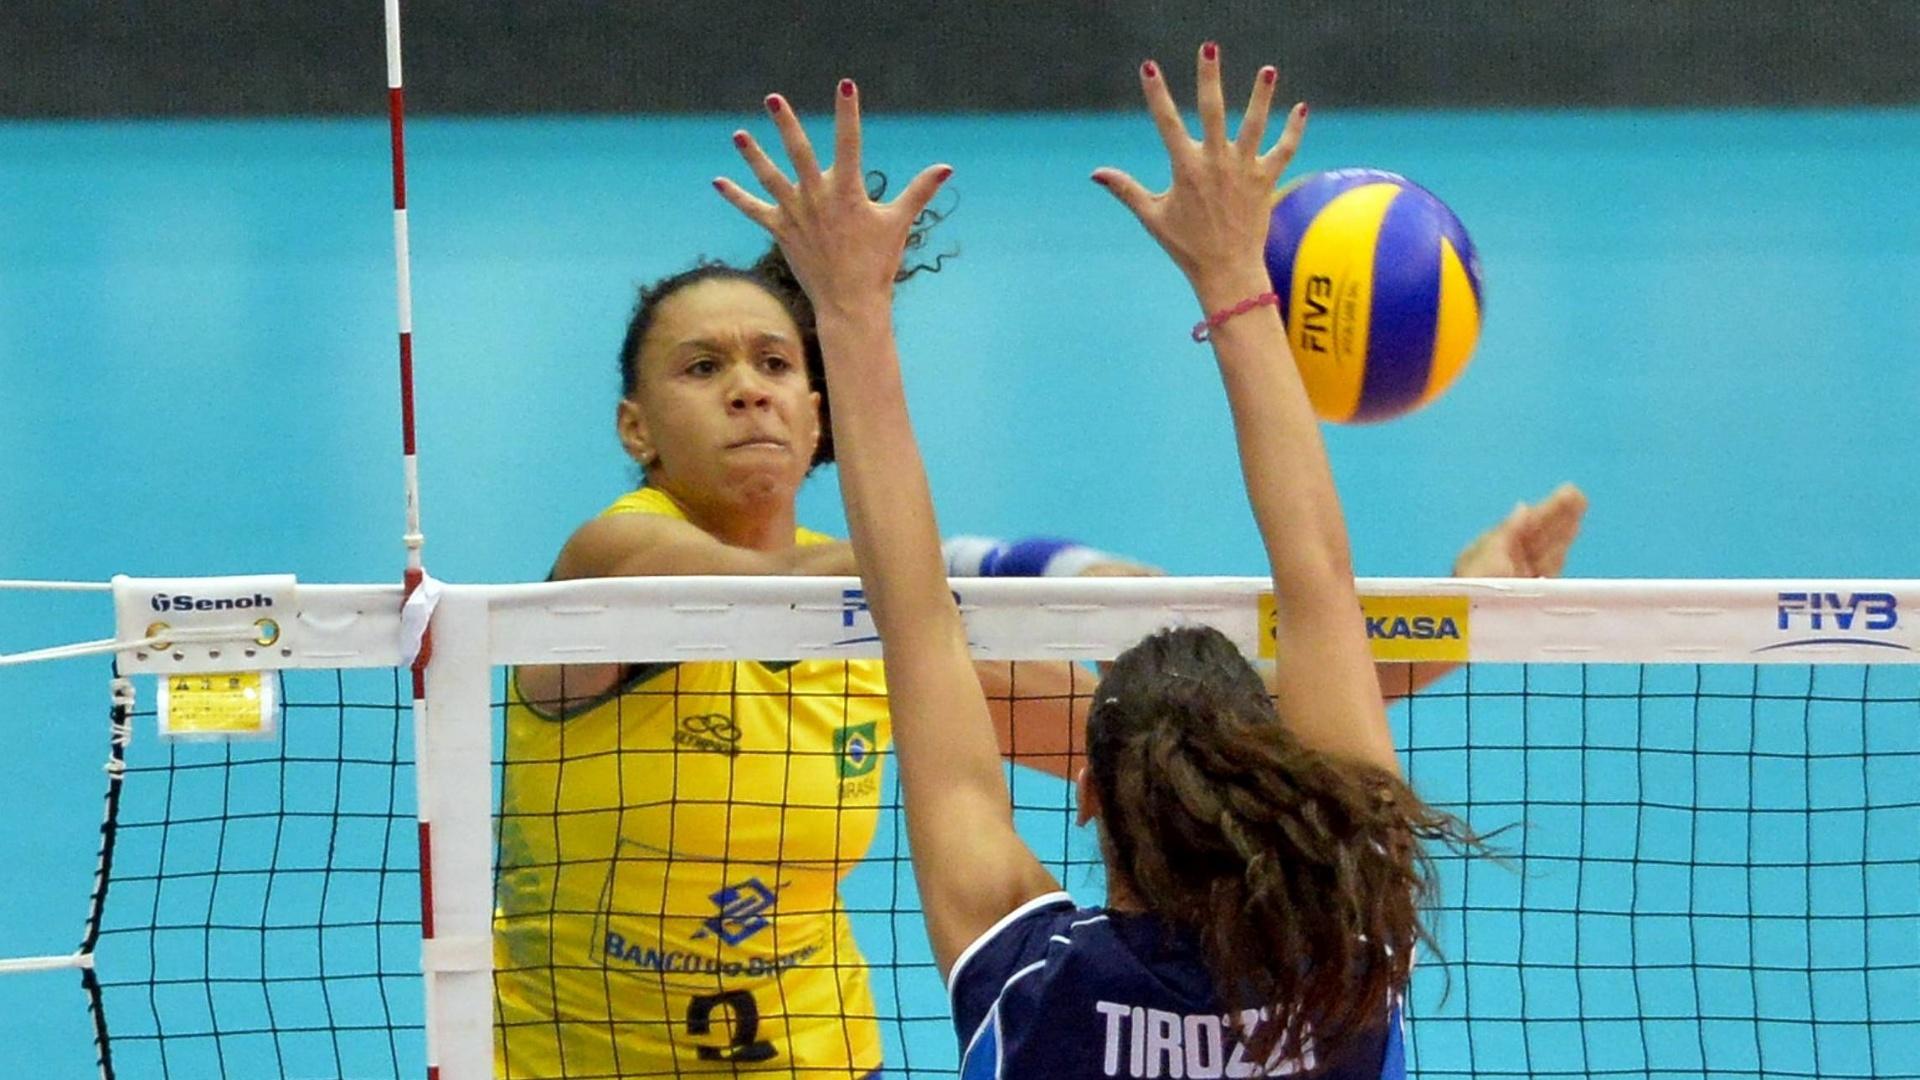 18.jul.2015 - Central Juciely anotou 18 pontos - dez deles em bloqueios - e foi o destaque do Brasil em vitória sobre a Itália no Grand Prix de vôlei feminino.